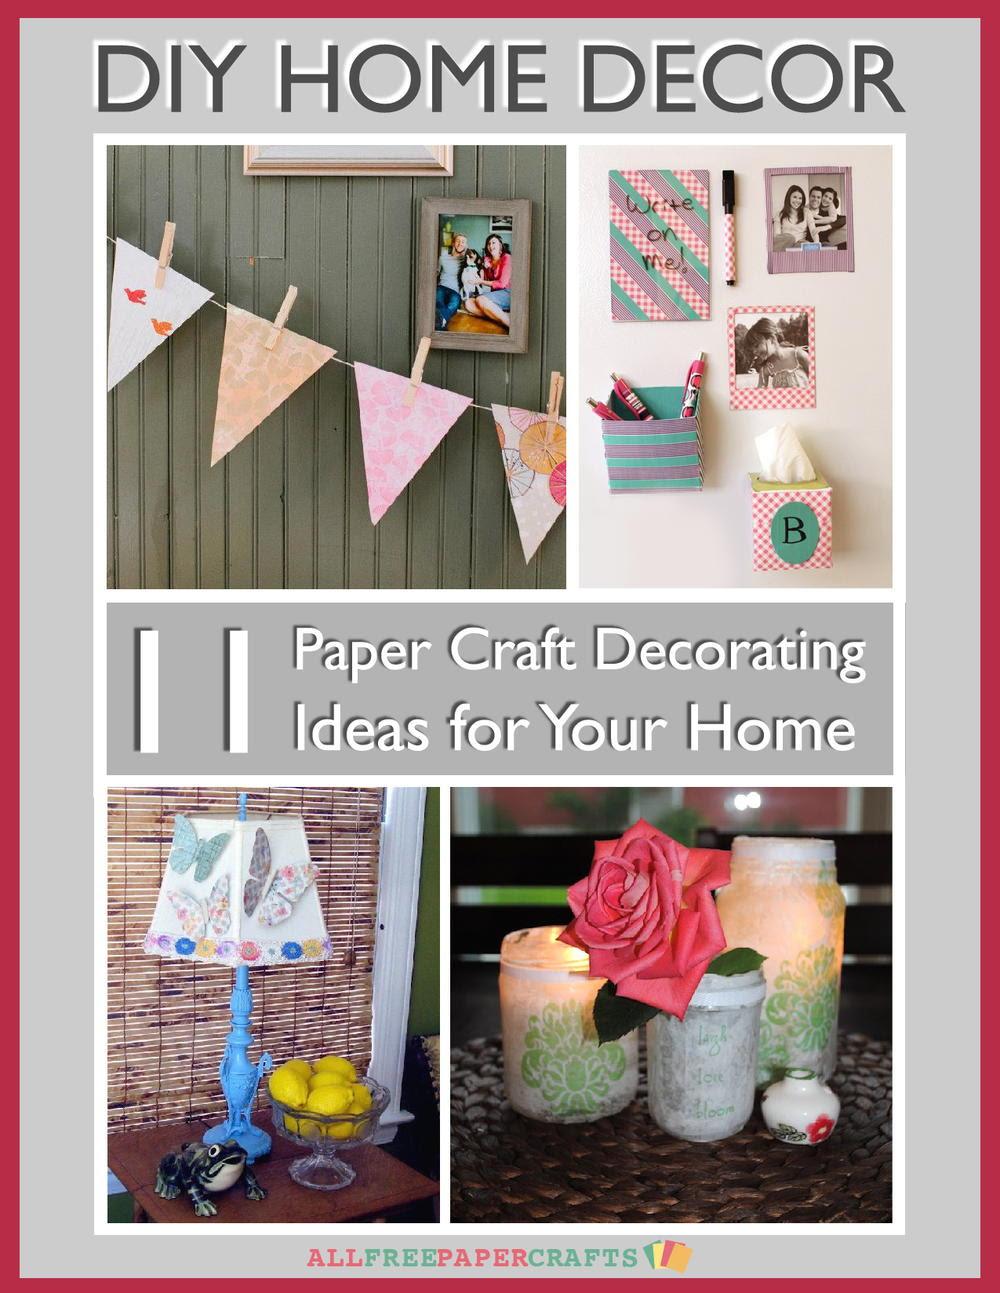 Diy Home Decor 11 Paper Craft Decorating Ideas For Your Home Free Ebook Allfreepapercrafts Com